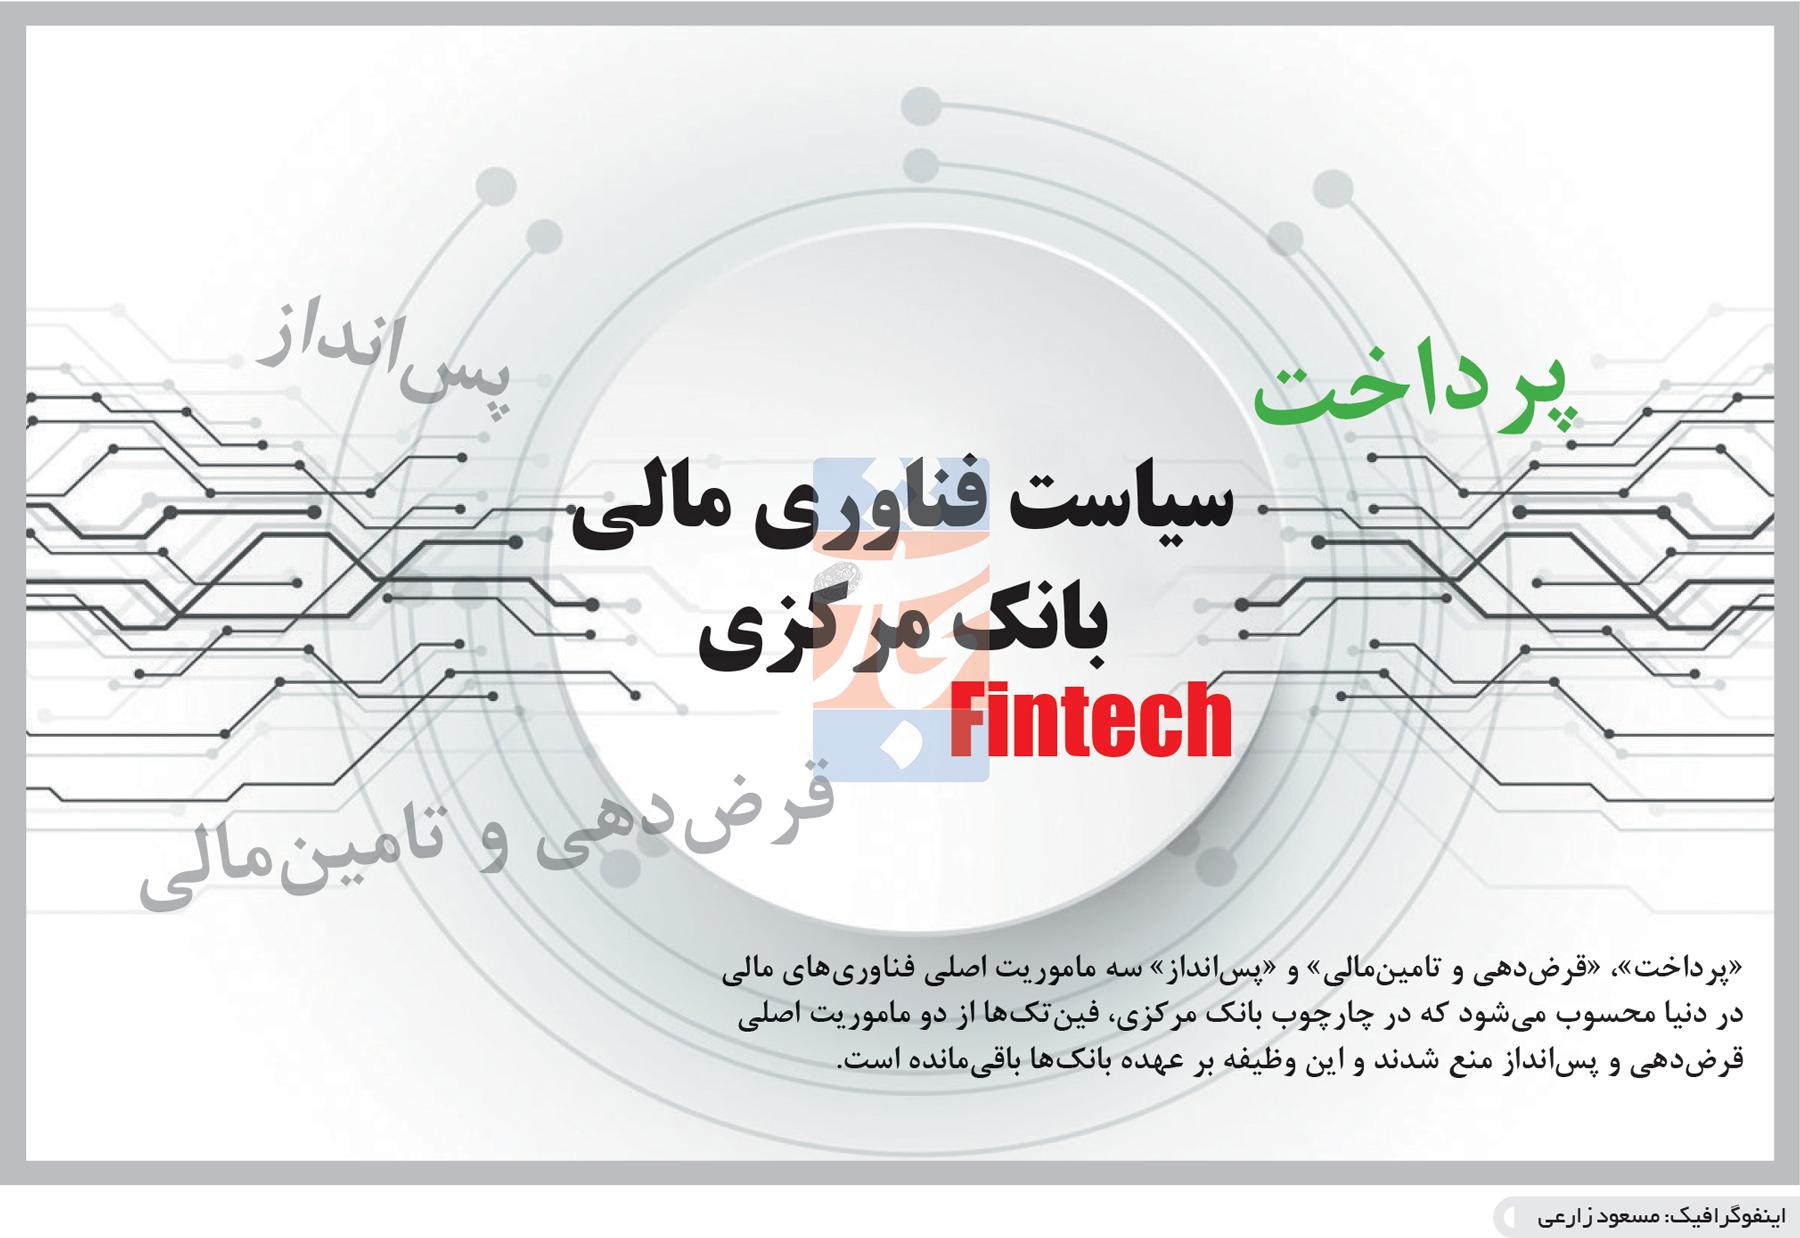 تجارت- فردا- سیاست فناوری مالی بانک مرکزی